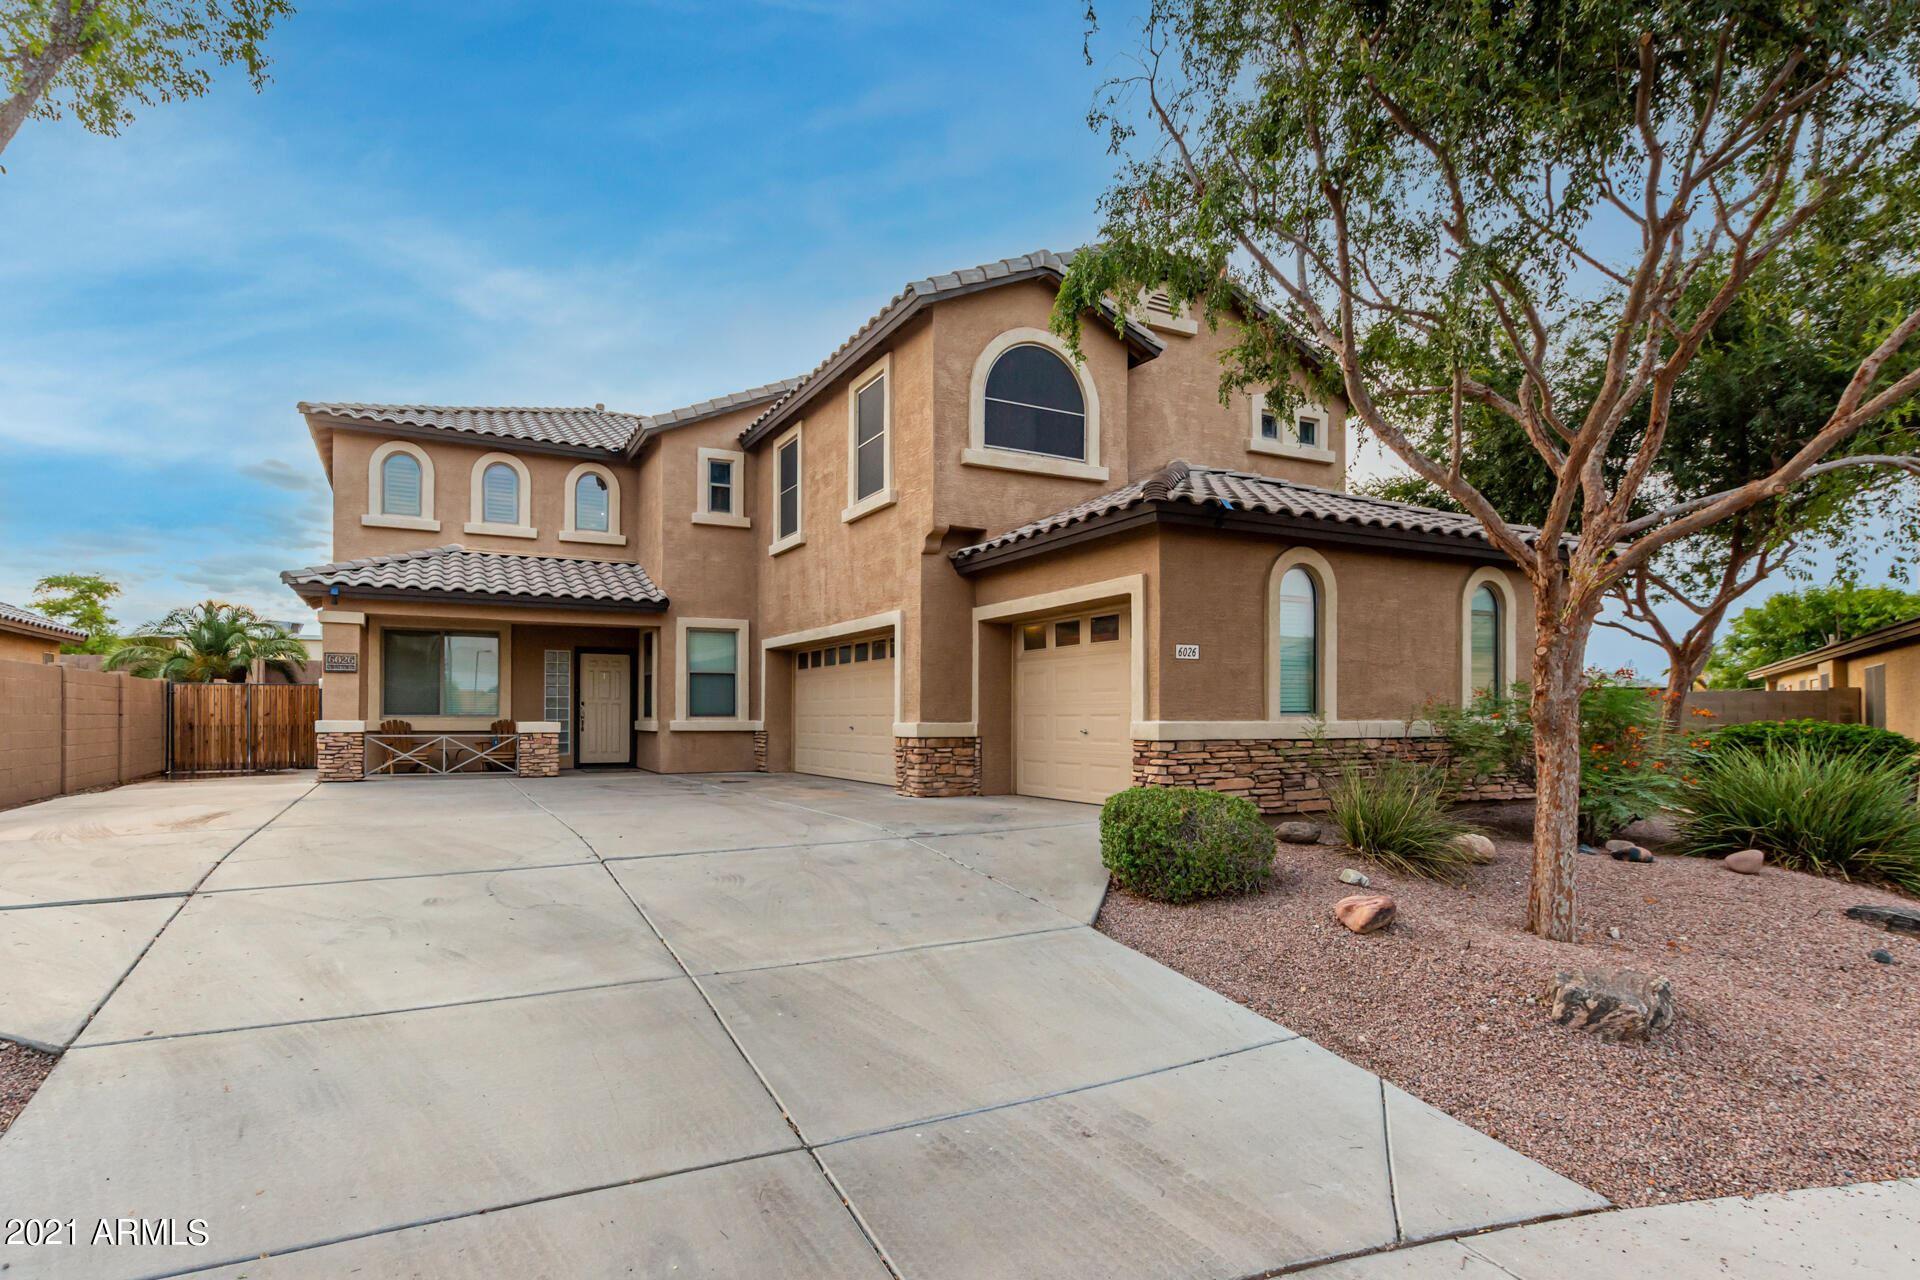 Photo of 6026 N 124TH Drive, Litchfield Park, AZ 85340 (MLS # 6263765)